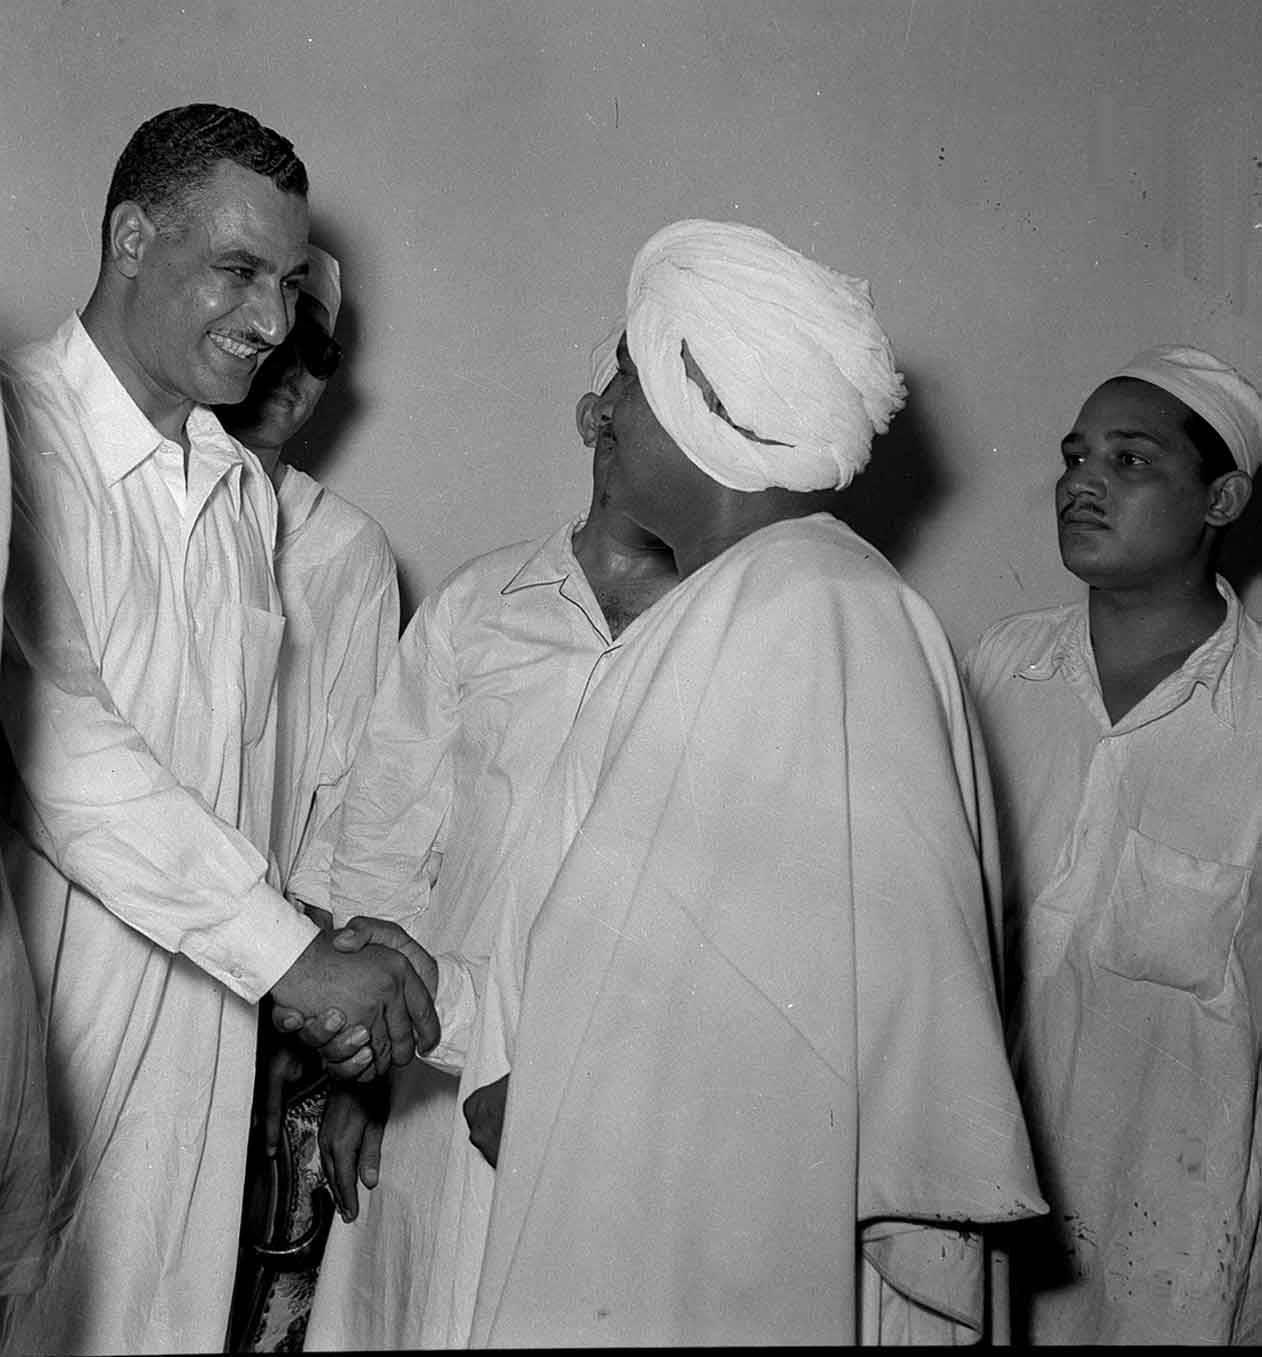 الزعيم الراحل جمال عبد الناصر يرتدى الجلباب